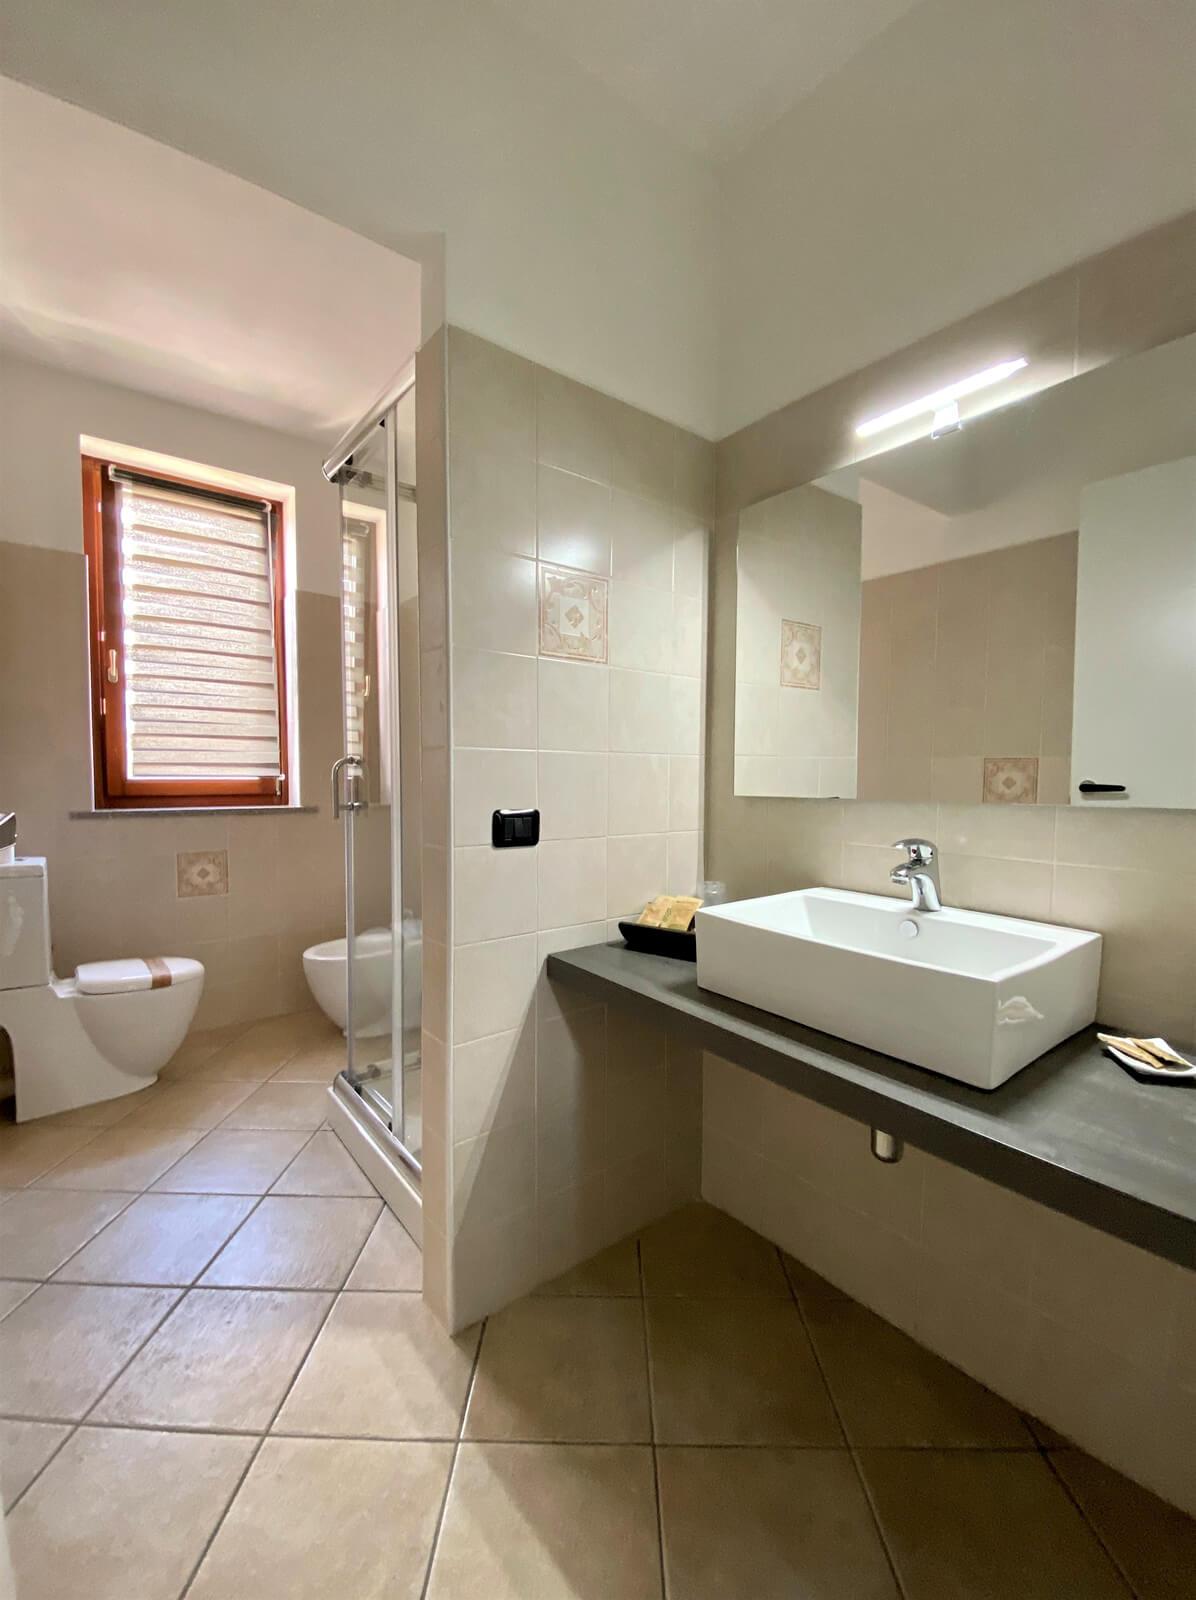 la-frase-casa-vacanze-appartamento-affitto-momo-novara-lago-maggiore-15